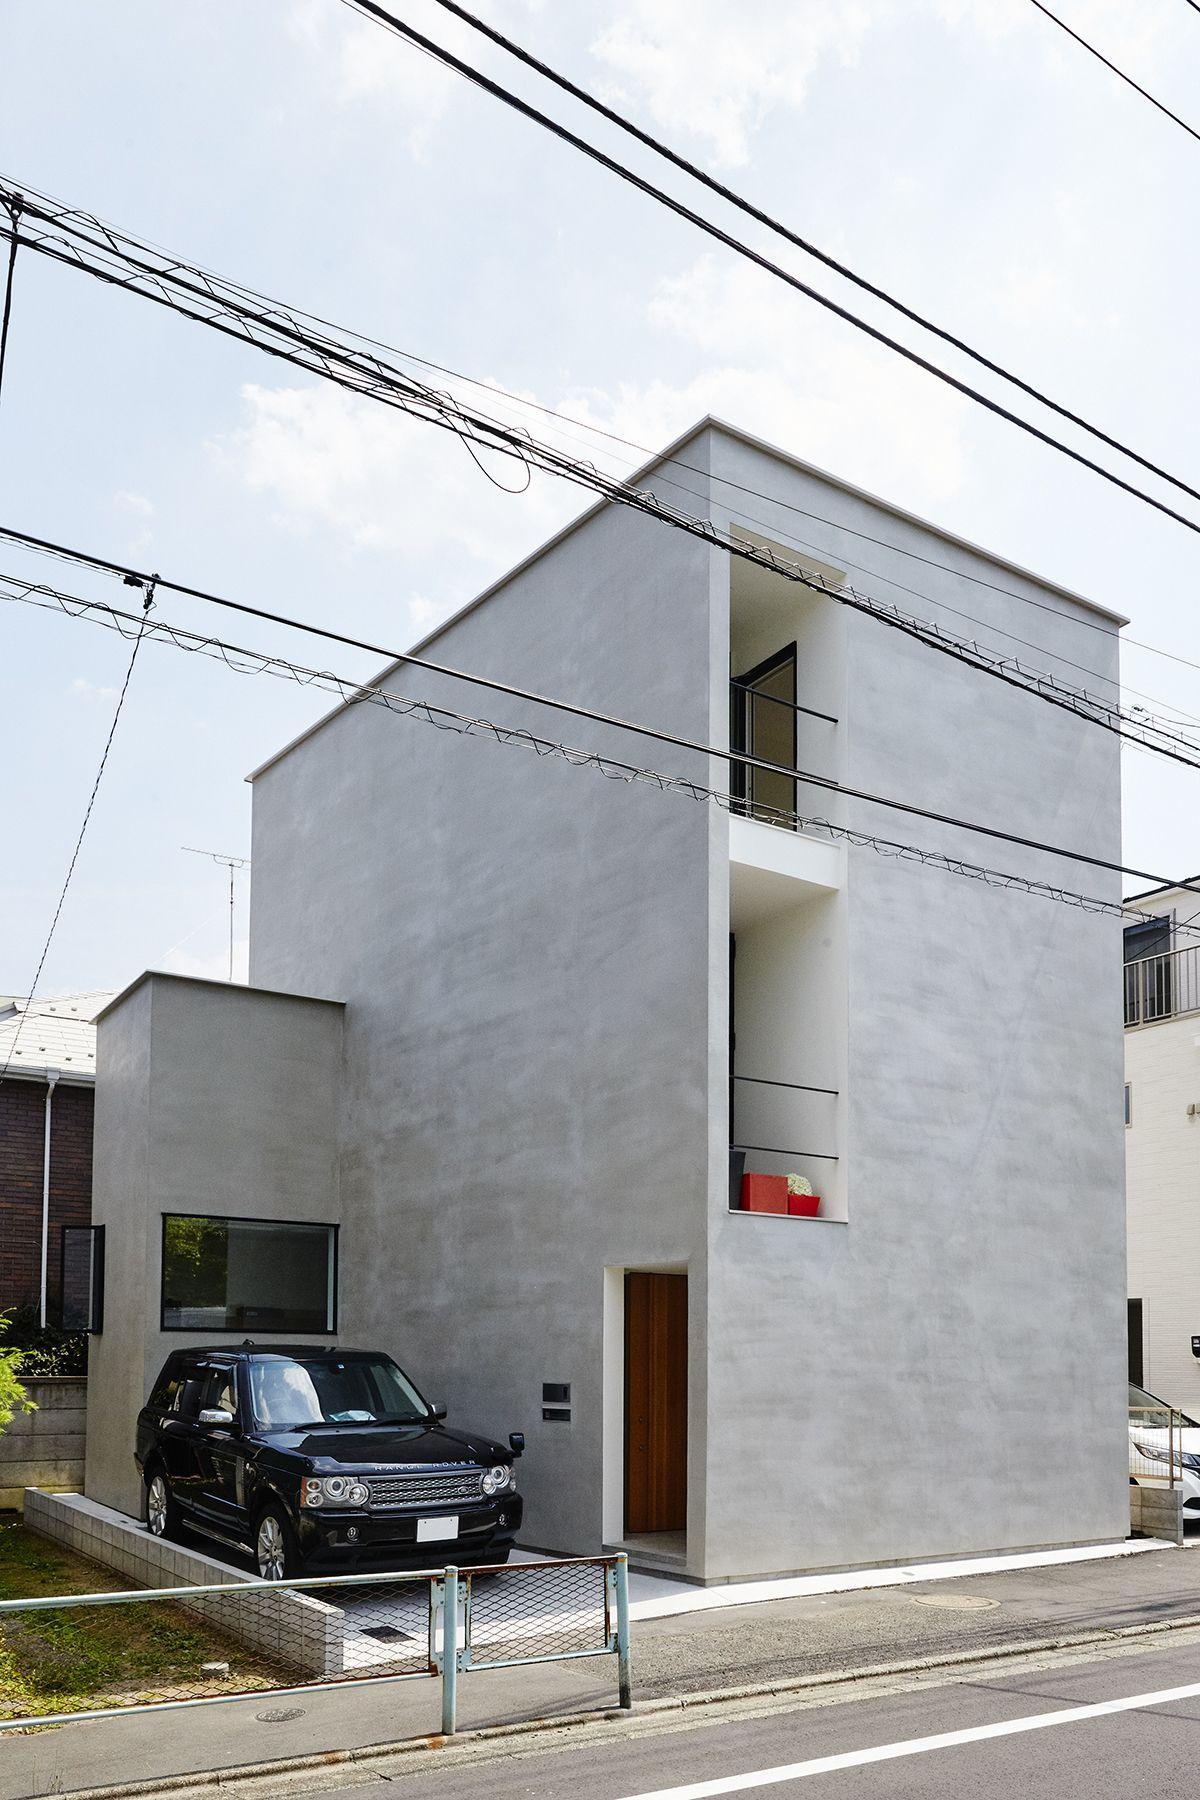 桜新町の家/個人宅 (サクラシンマチノイエ)外観